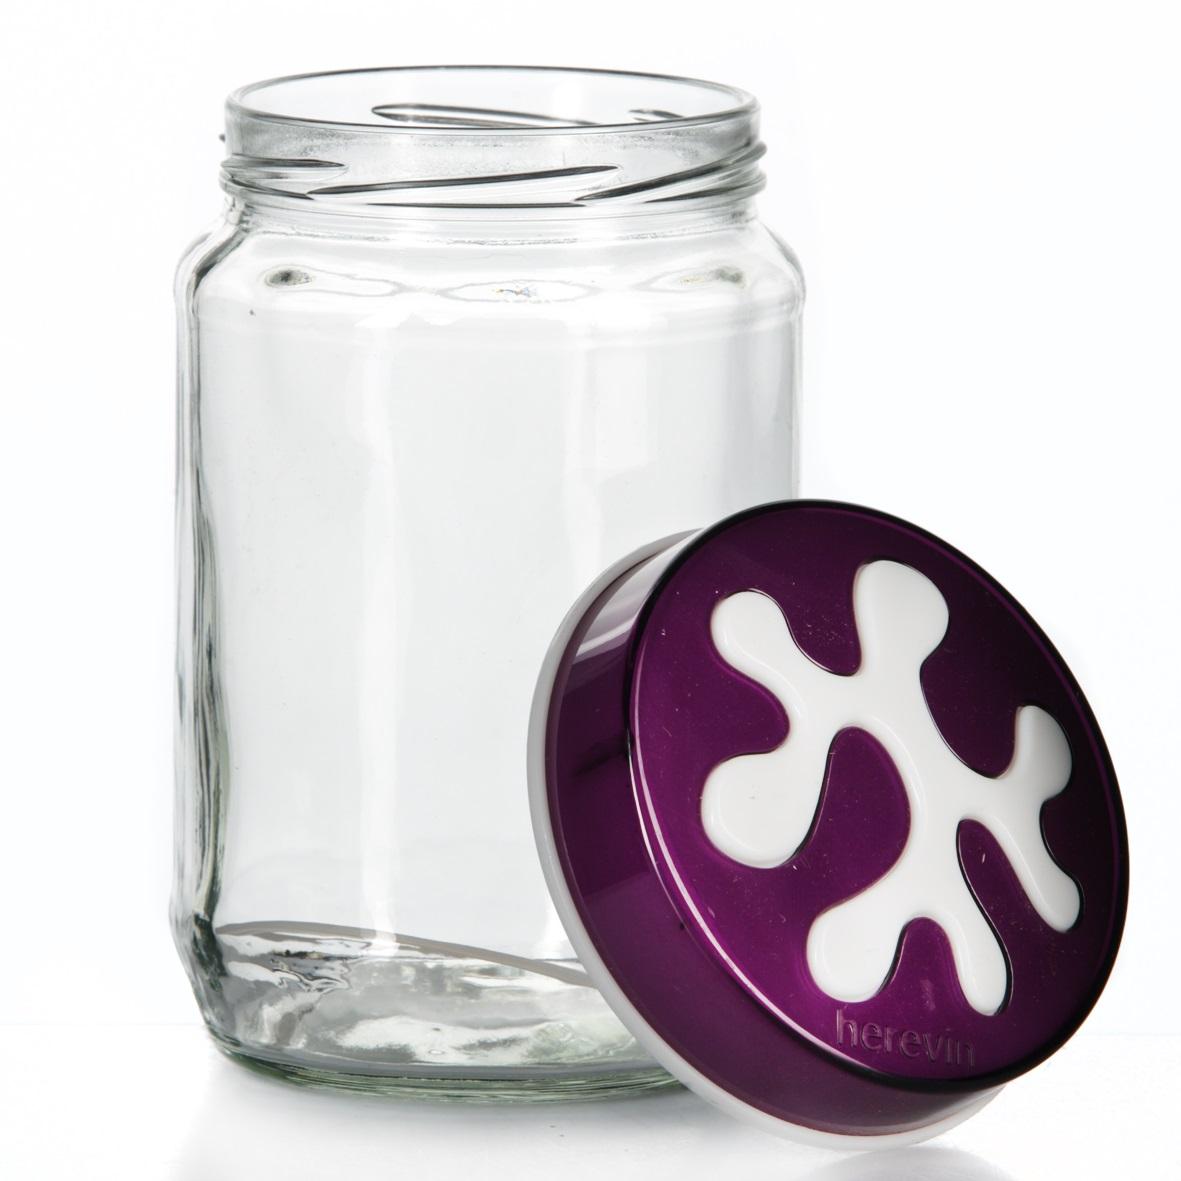 Банка для сыпучих продуктов Herevin, цвет: фиолетовый, 720 мл. 135367-003135367-003Банка для сыпучих продуктов Herevin изготовлена из прочного стекла и оснащена плотно закрывающейся пластиковой крышкой. Благодаря этому внутри сохраняется герметичность, и продукты дольше остаются свежими. Изделие предназначено для хранения различных сыпучих продуктов: круп, чая, сахара, орехов и т.д. Функциональная и вместительная, такая банка станет незаменимым аксессуаром на любой кухне. Можно мыть в посудомоечной машине. Пластиковые части рекомендуется мыть вручную.Объем: 720 мл.Диаметр (по верхнему краю): 7,5 см.Высота банки (без учета крышки): 14 см.